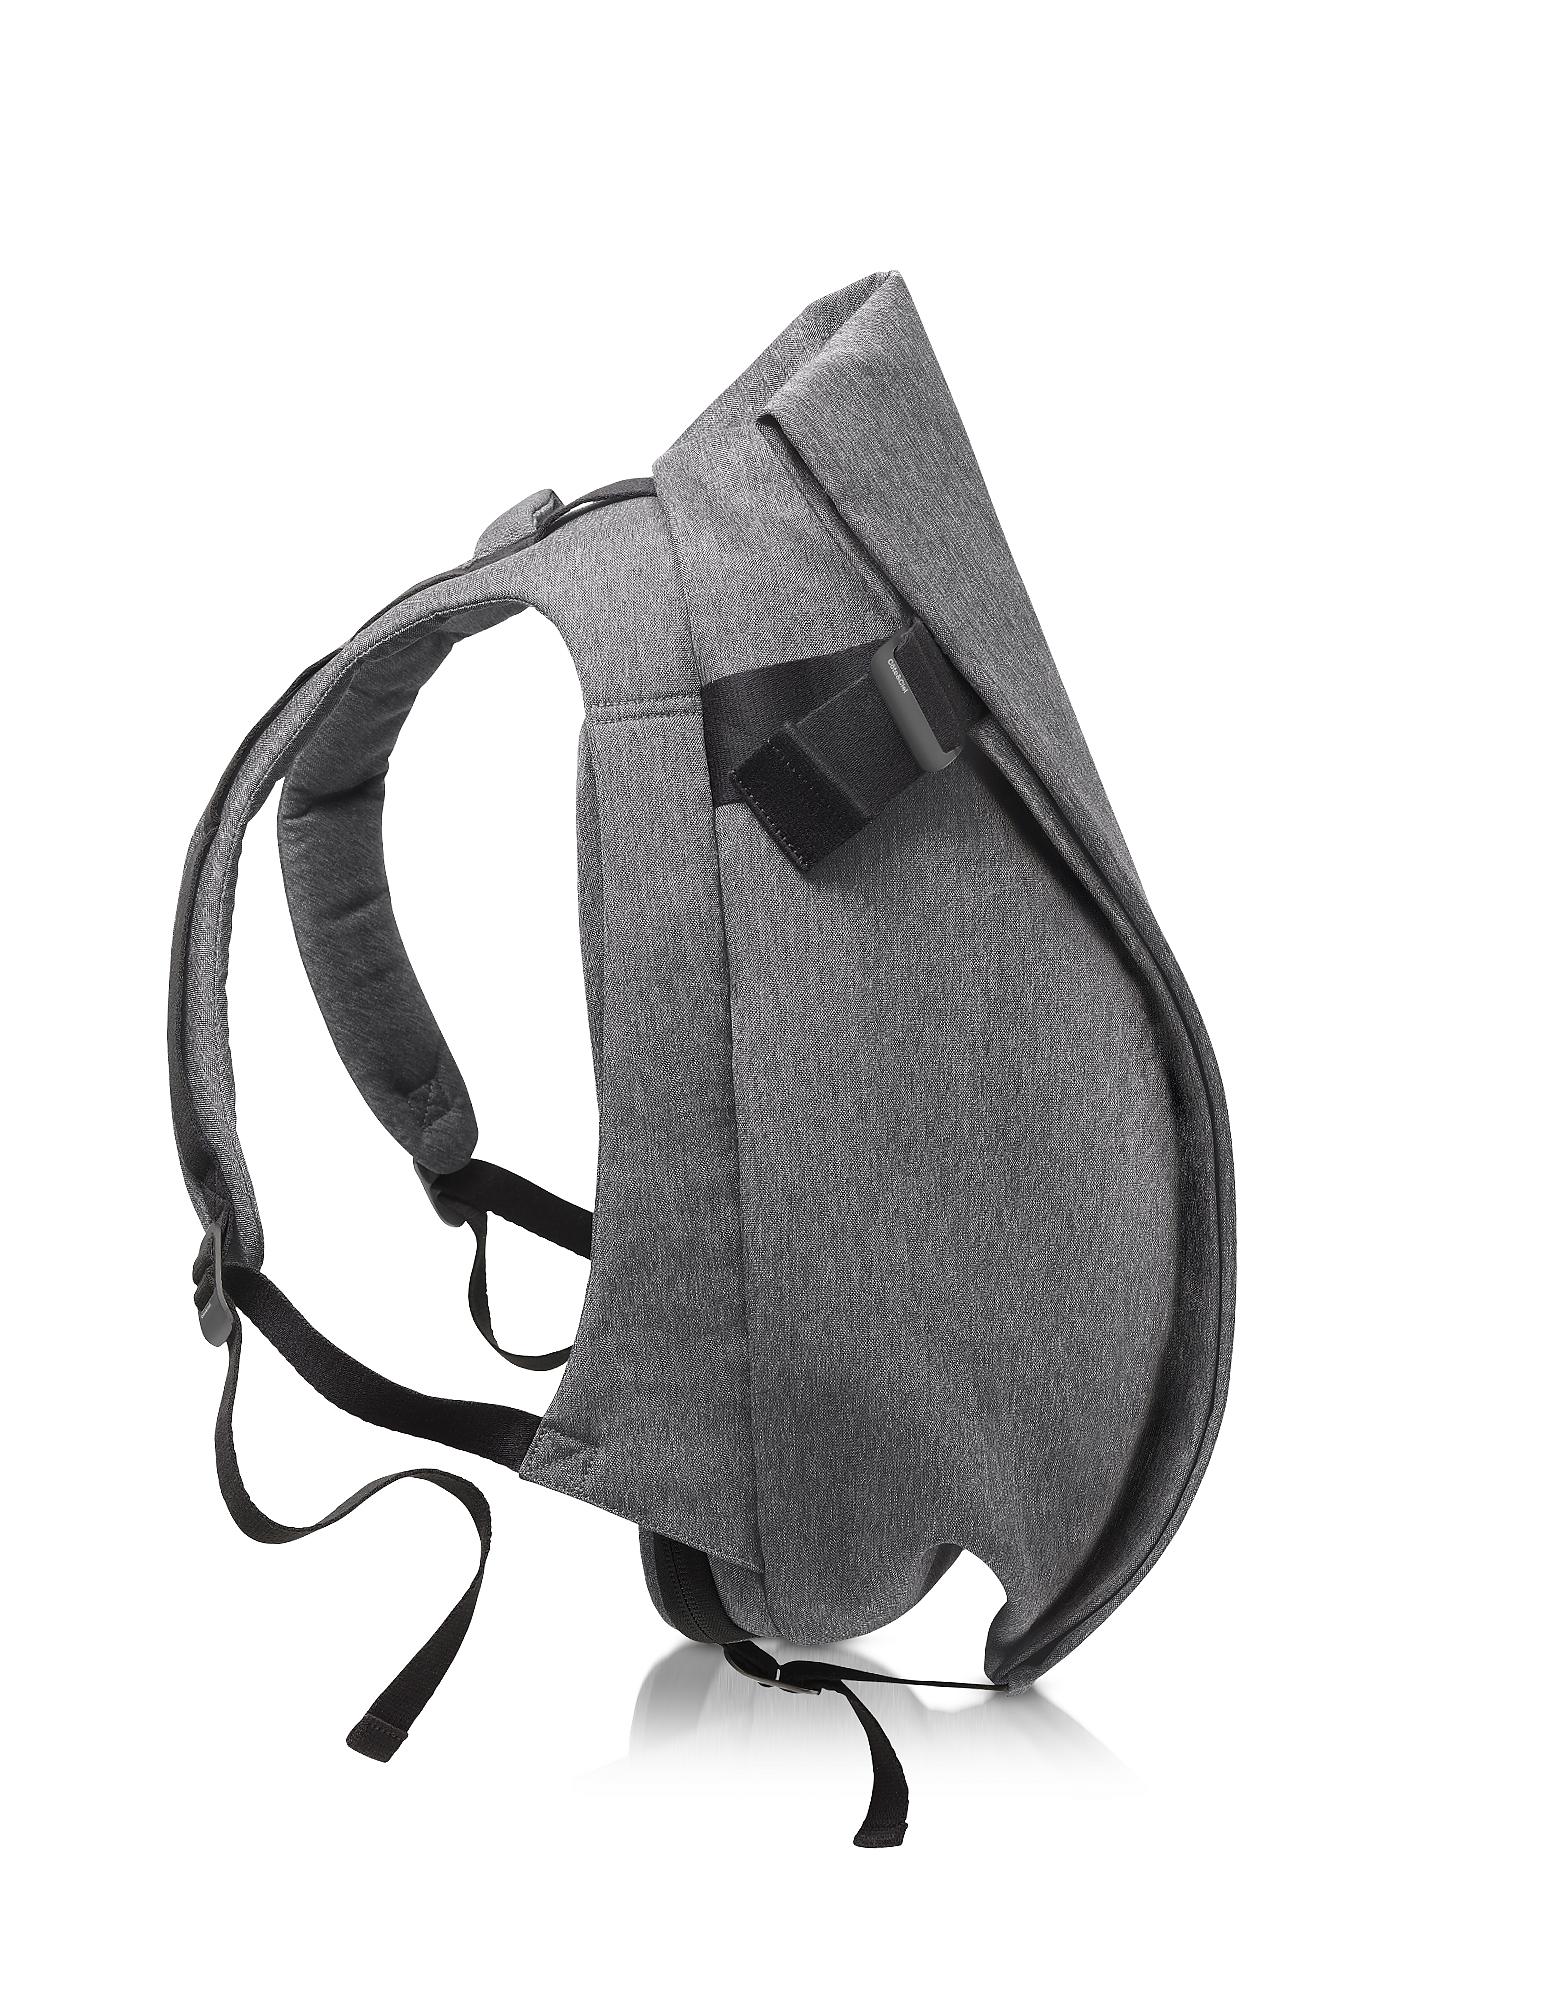 Côte & Ciel Designer Men's Bags, Isar Medium Black Melange Eco Yarn Backpack